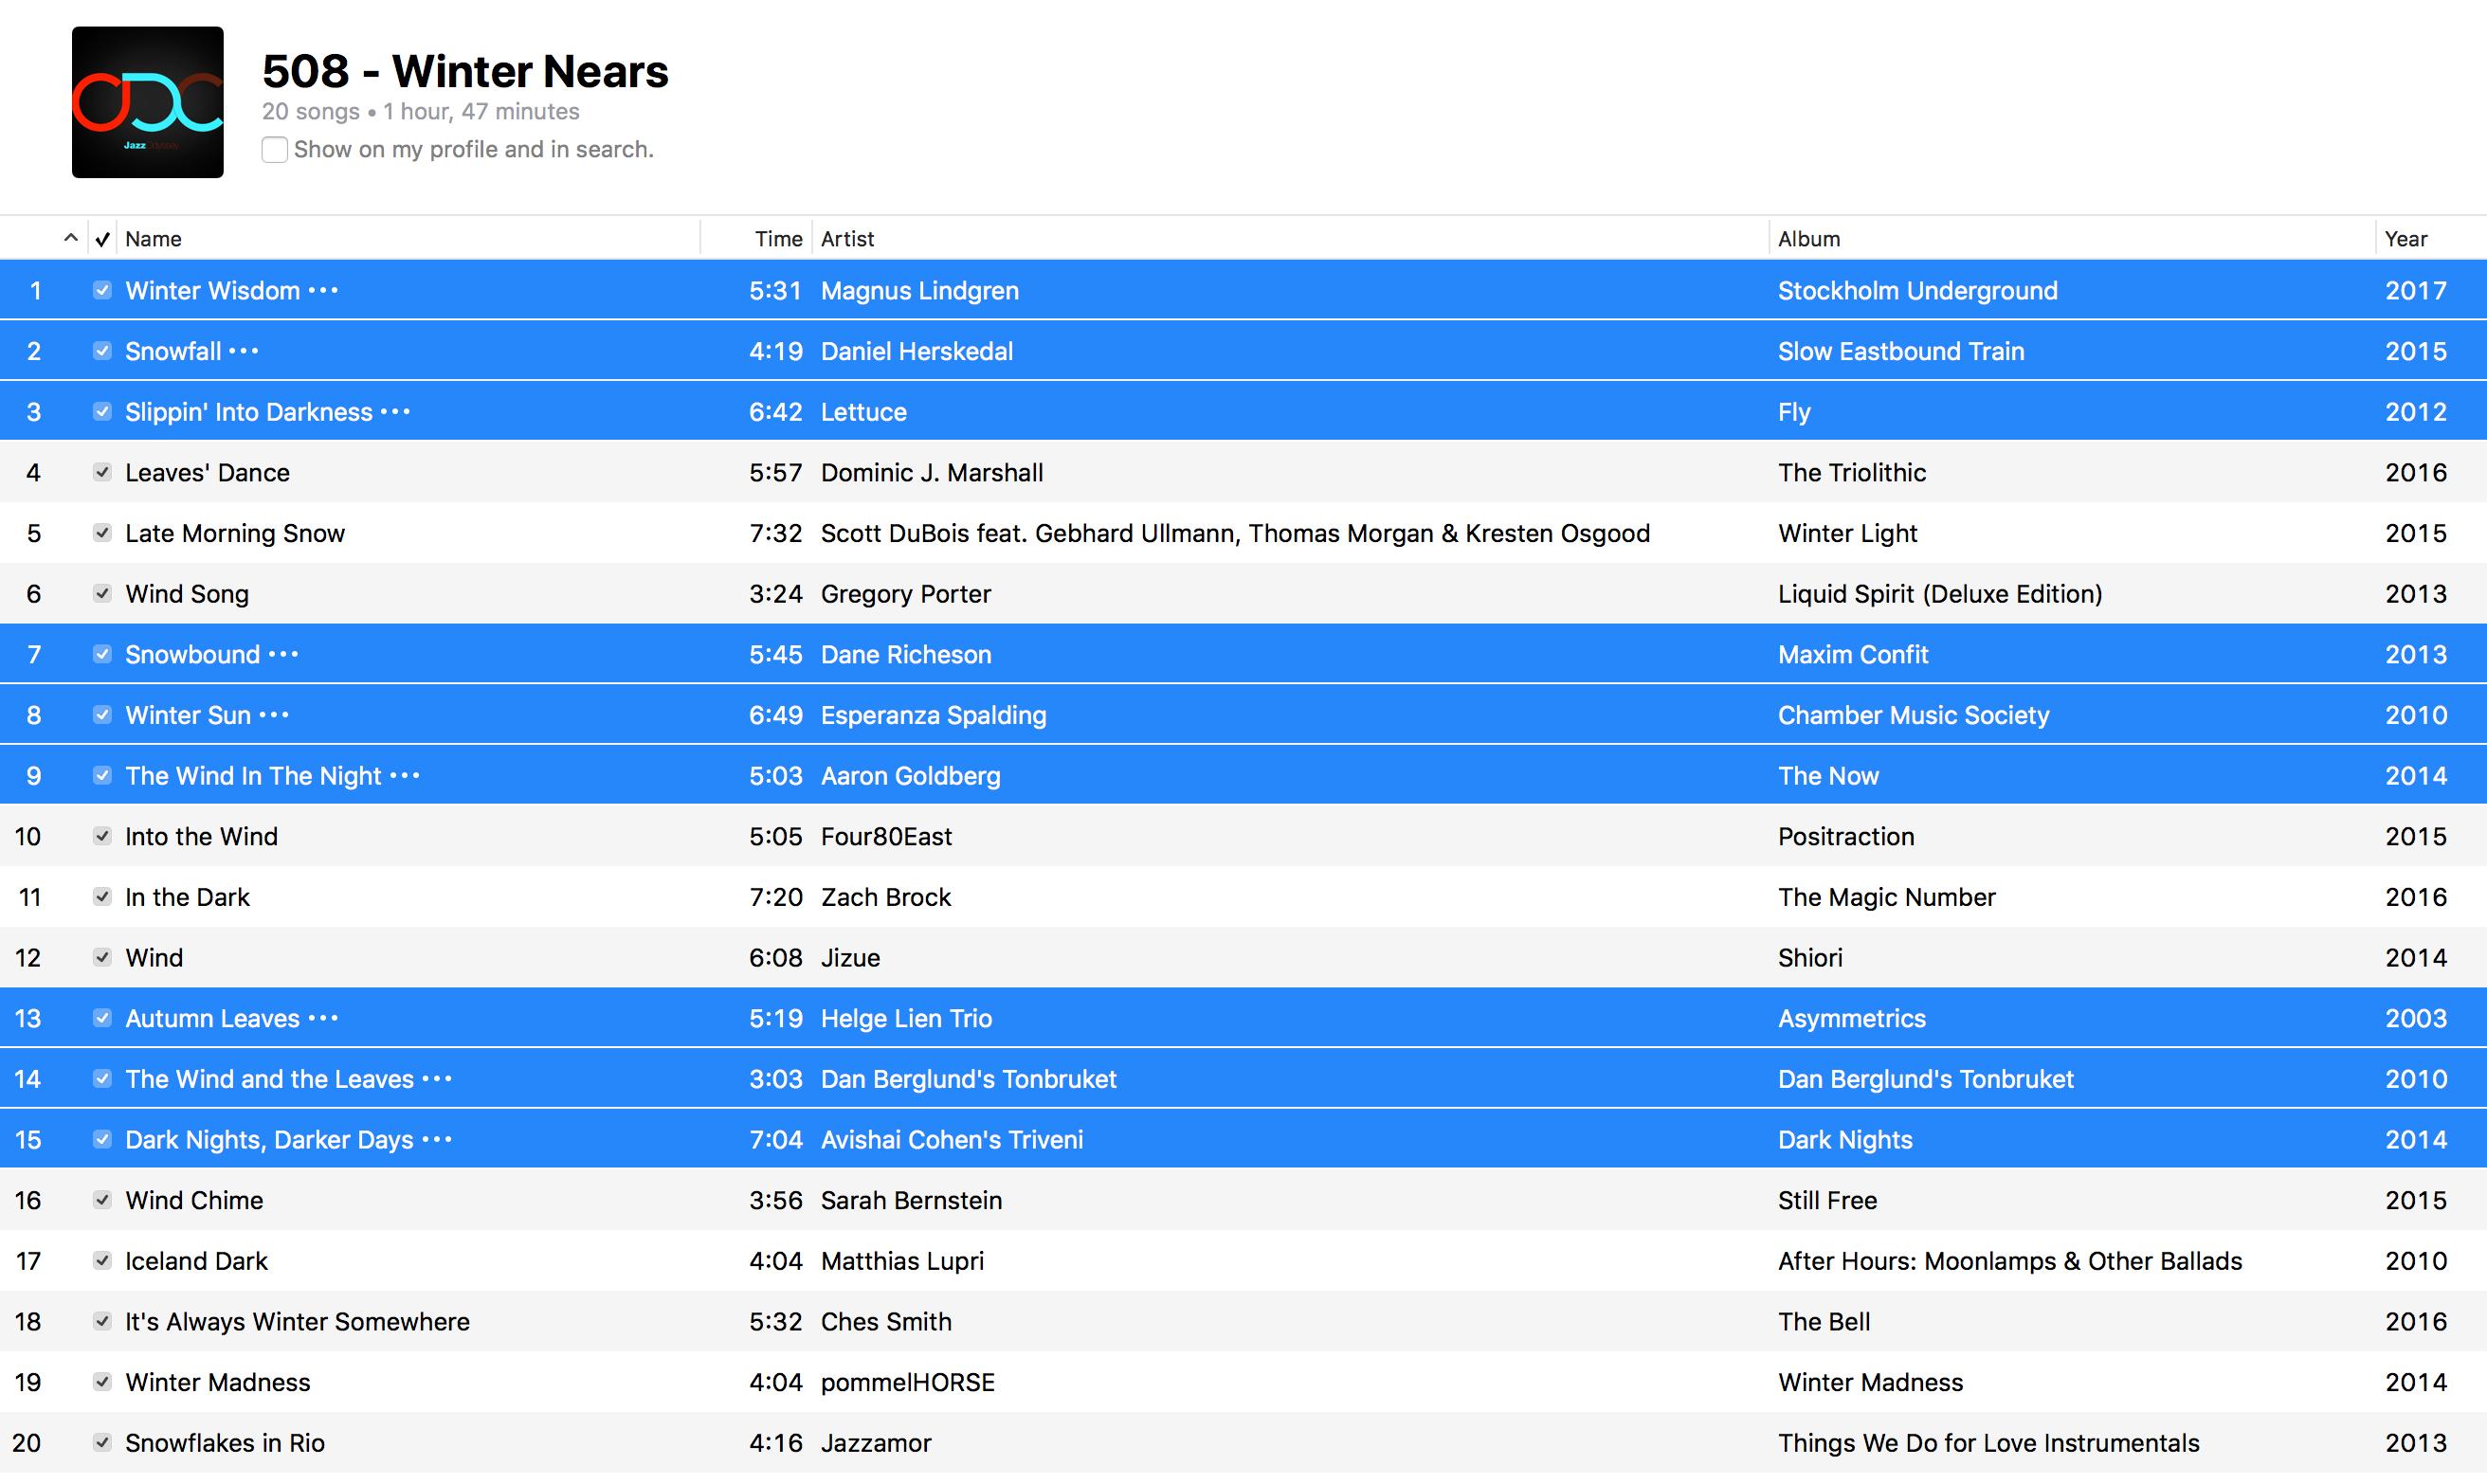 Jazz ODC #508 - Winter Nears - Playlist